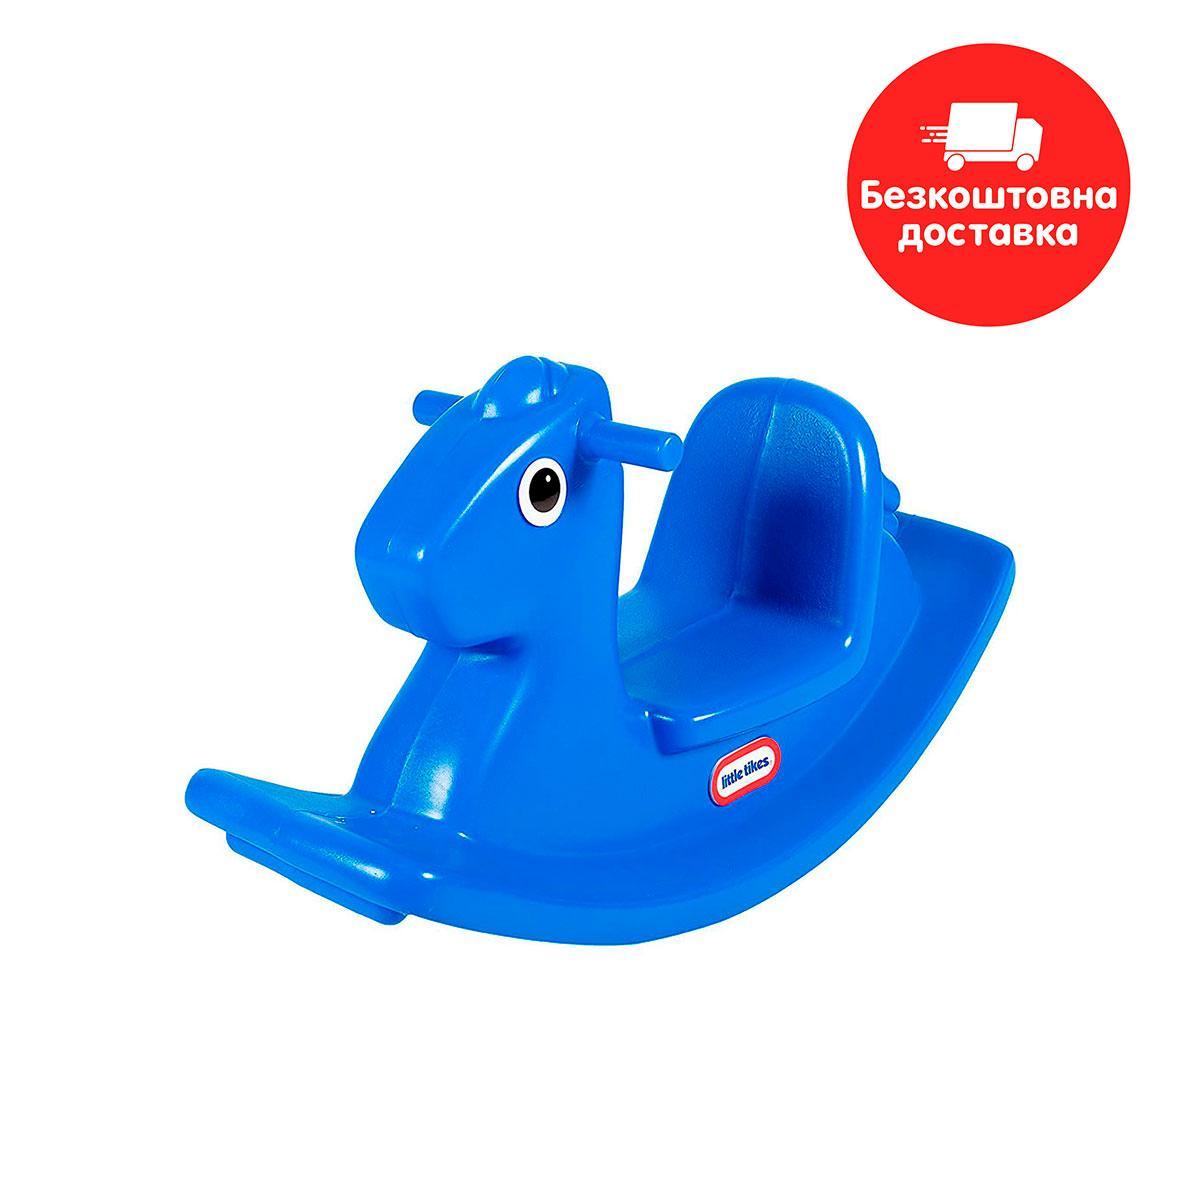 Качалка Веселая лошадка  Little Tikes (синяя) 167200072 Бесплатная доставка!